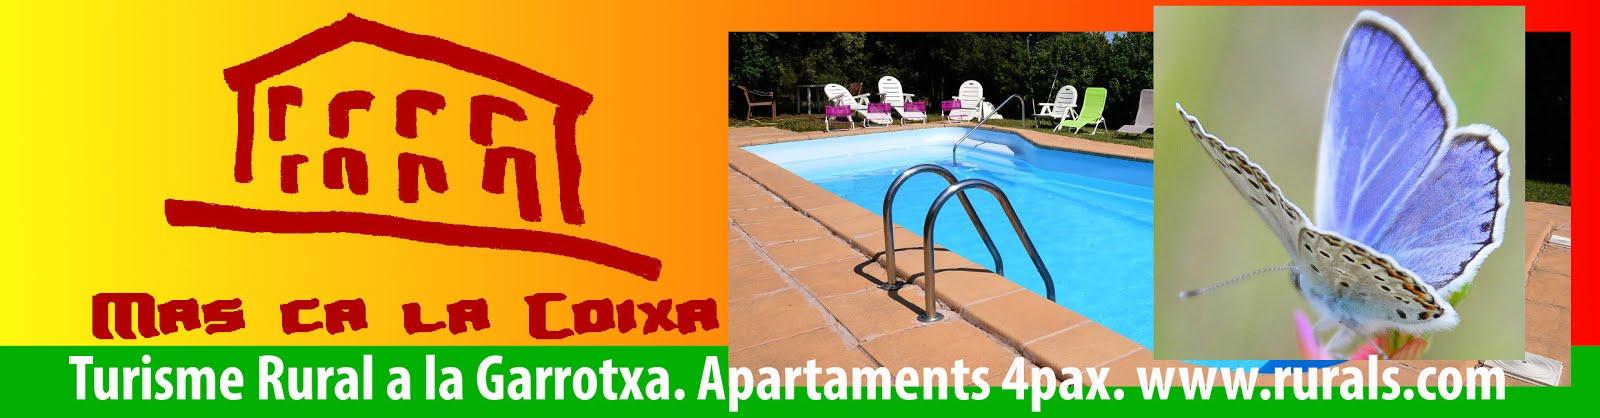 Mas ca la Coixa, casa de turisme rural a la Garrotxa.